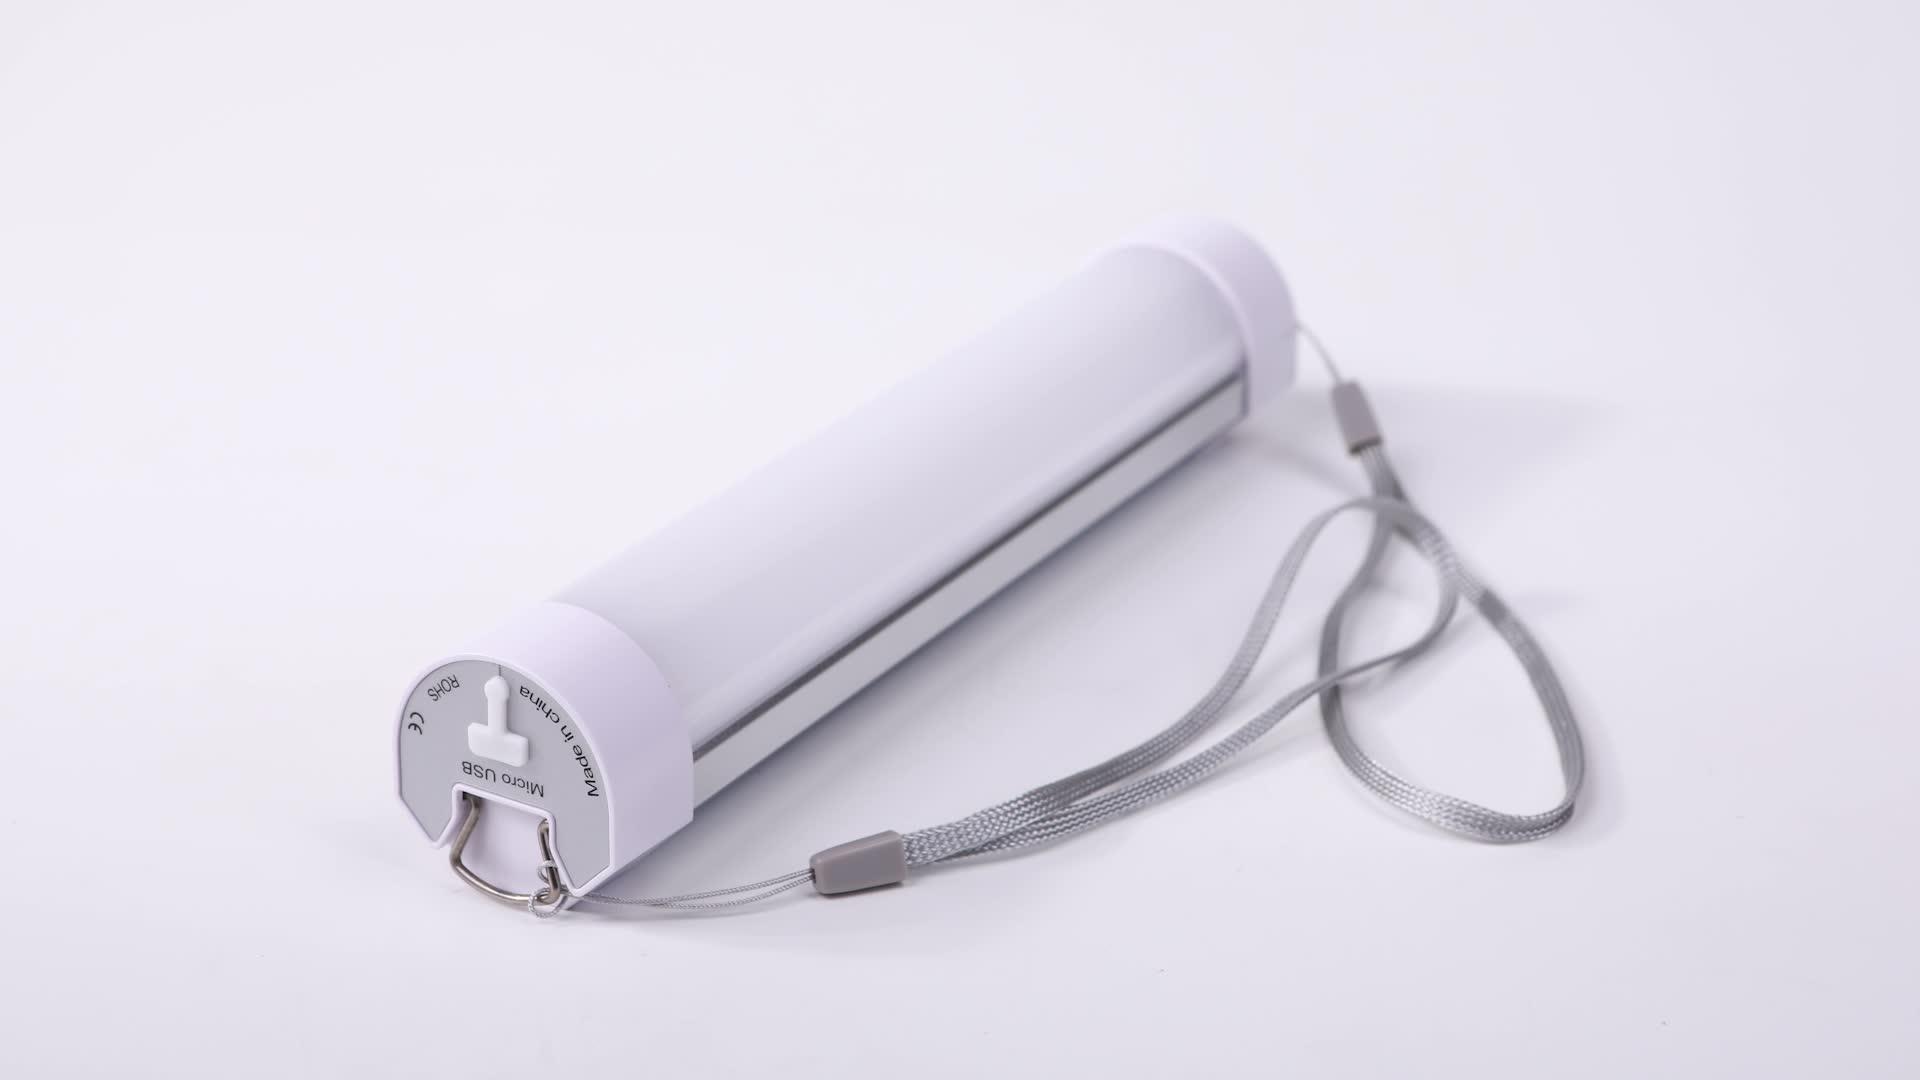 Аксессуары для Carpfishing другие Товары для рыбалки красный SOS пульт дистанционного управления Магнитный перезаряжаемый светодиодный фонарь для кемпинга Bivvy